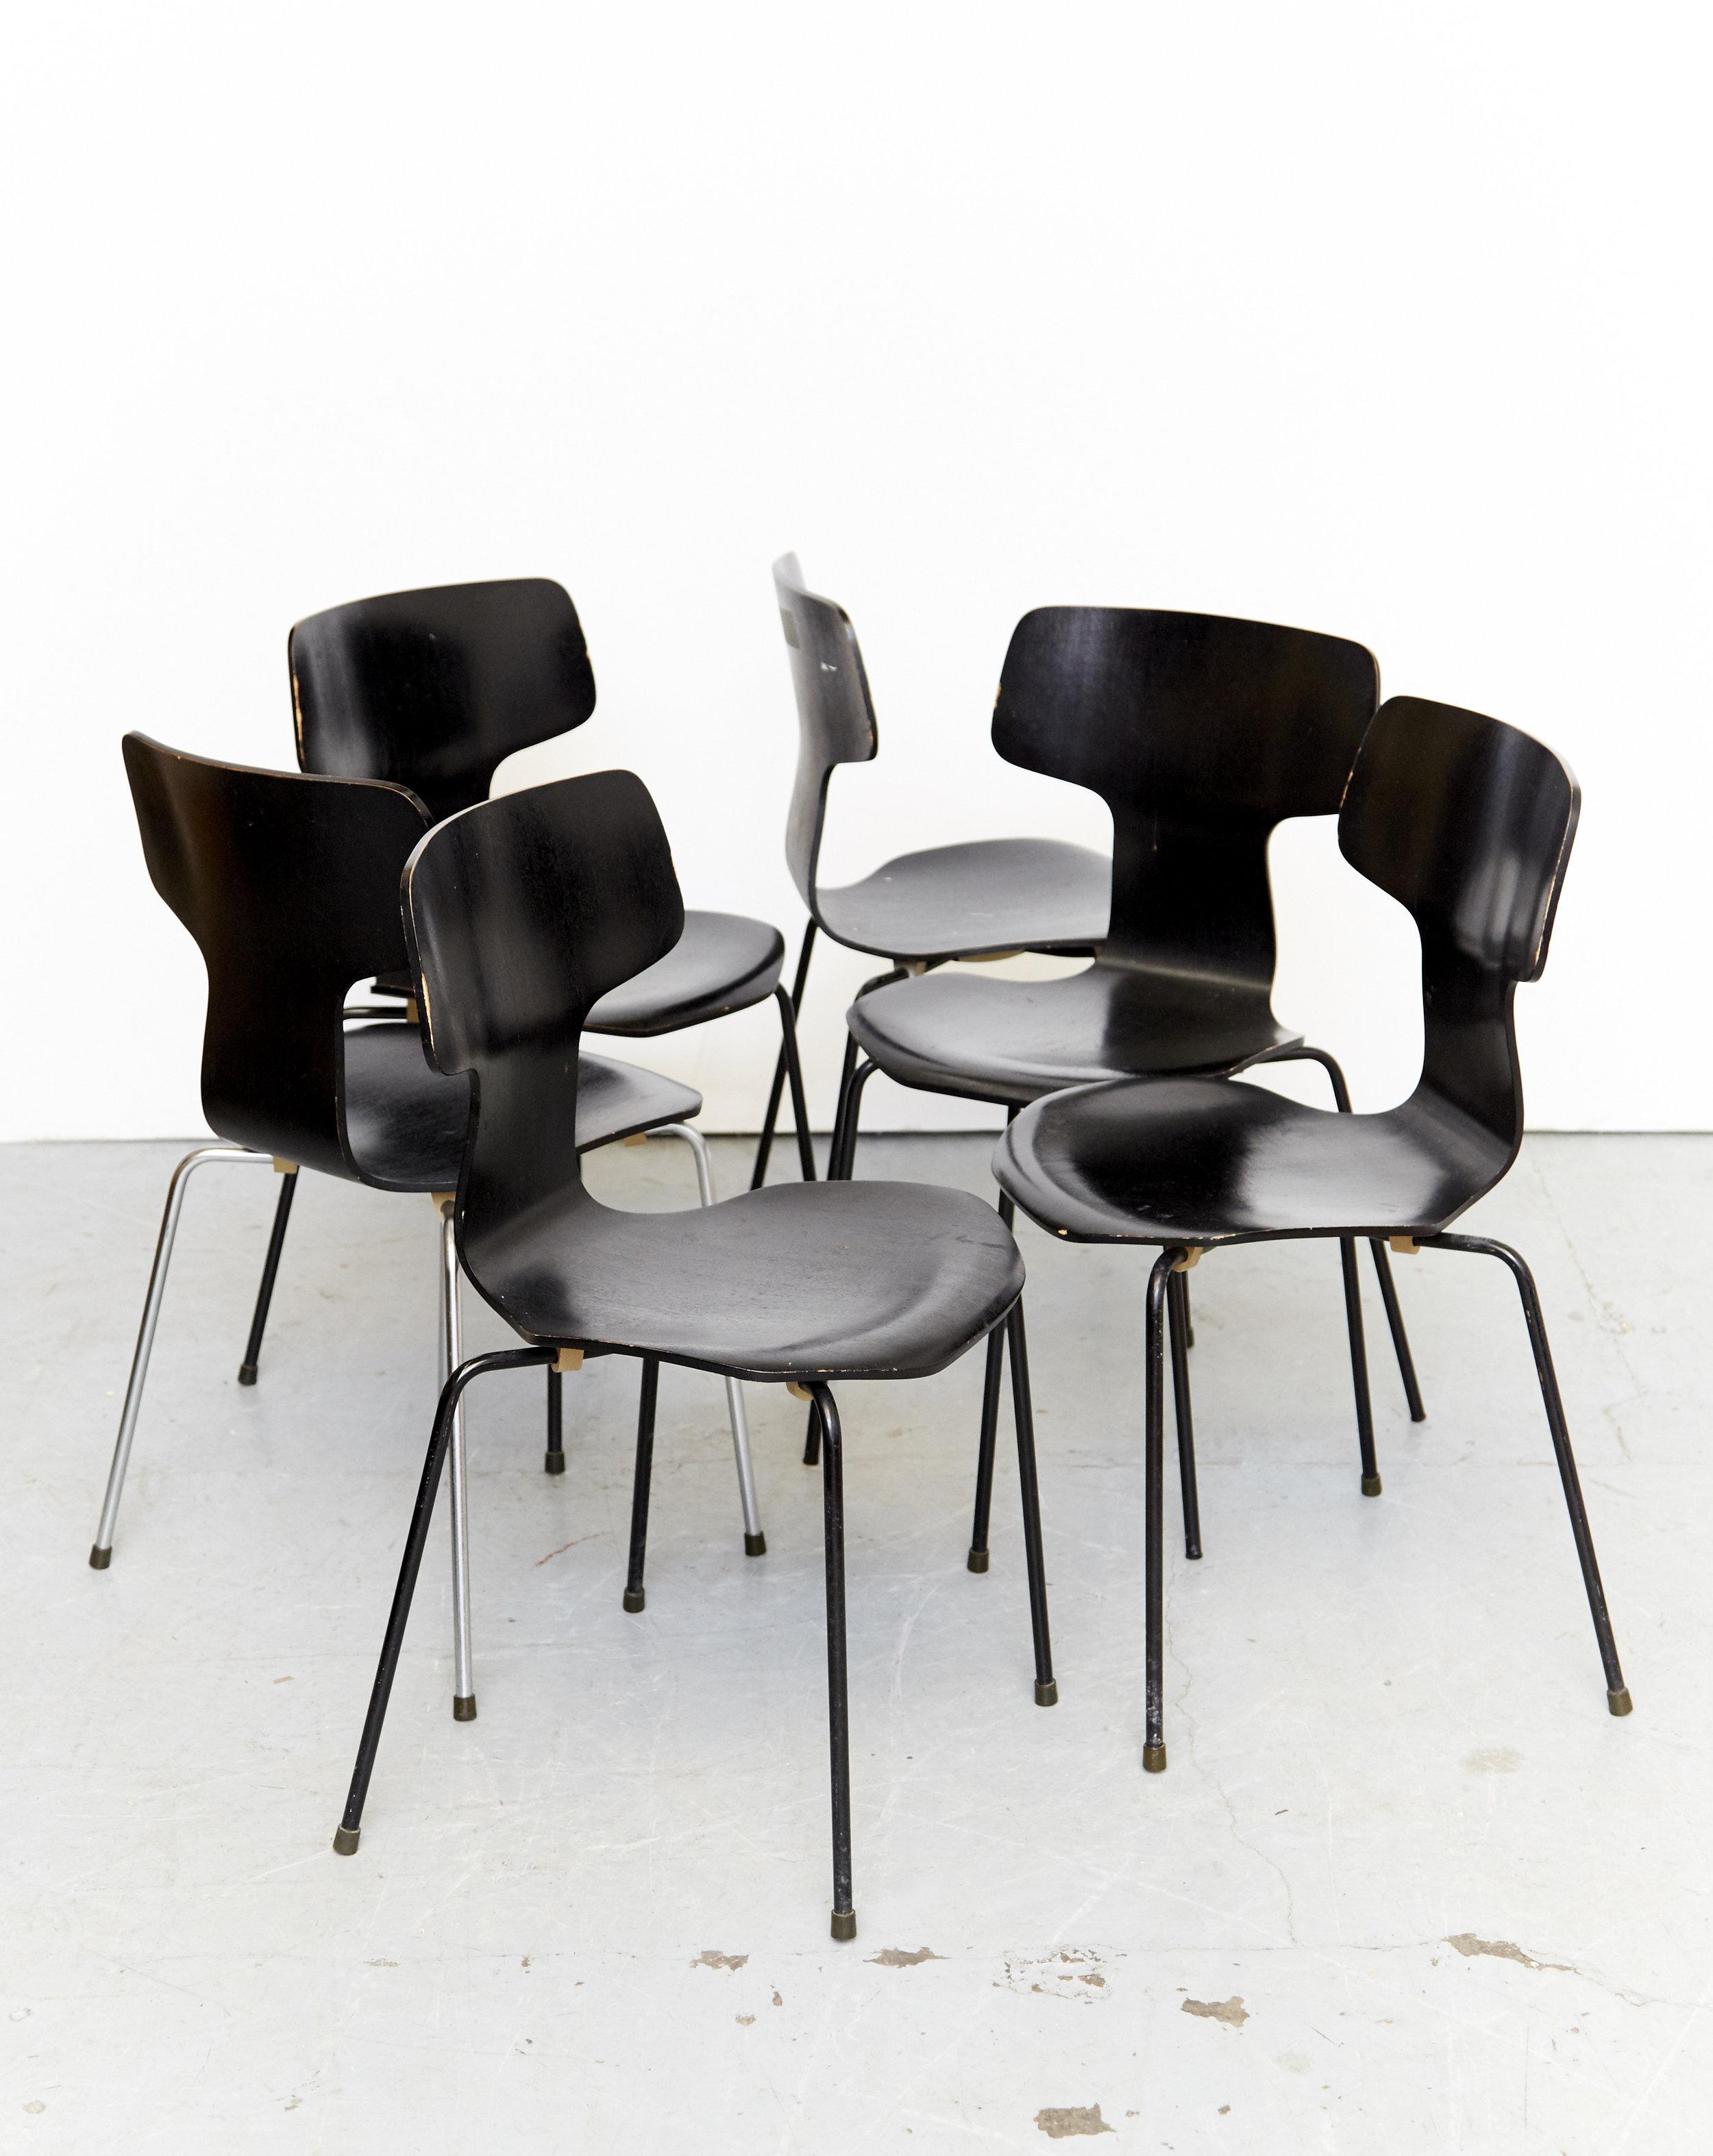 Hansen Jacobsen Chair Hammer Stuhl3103 Fritz Arne for I w0P8nOk